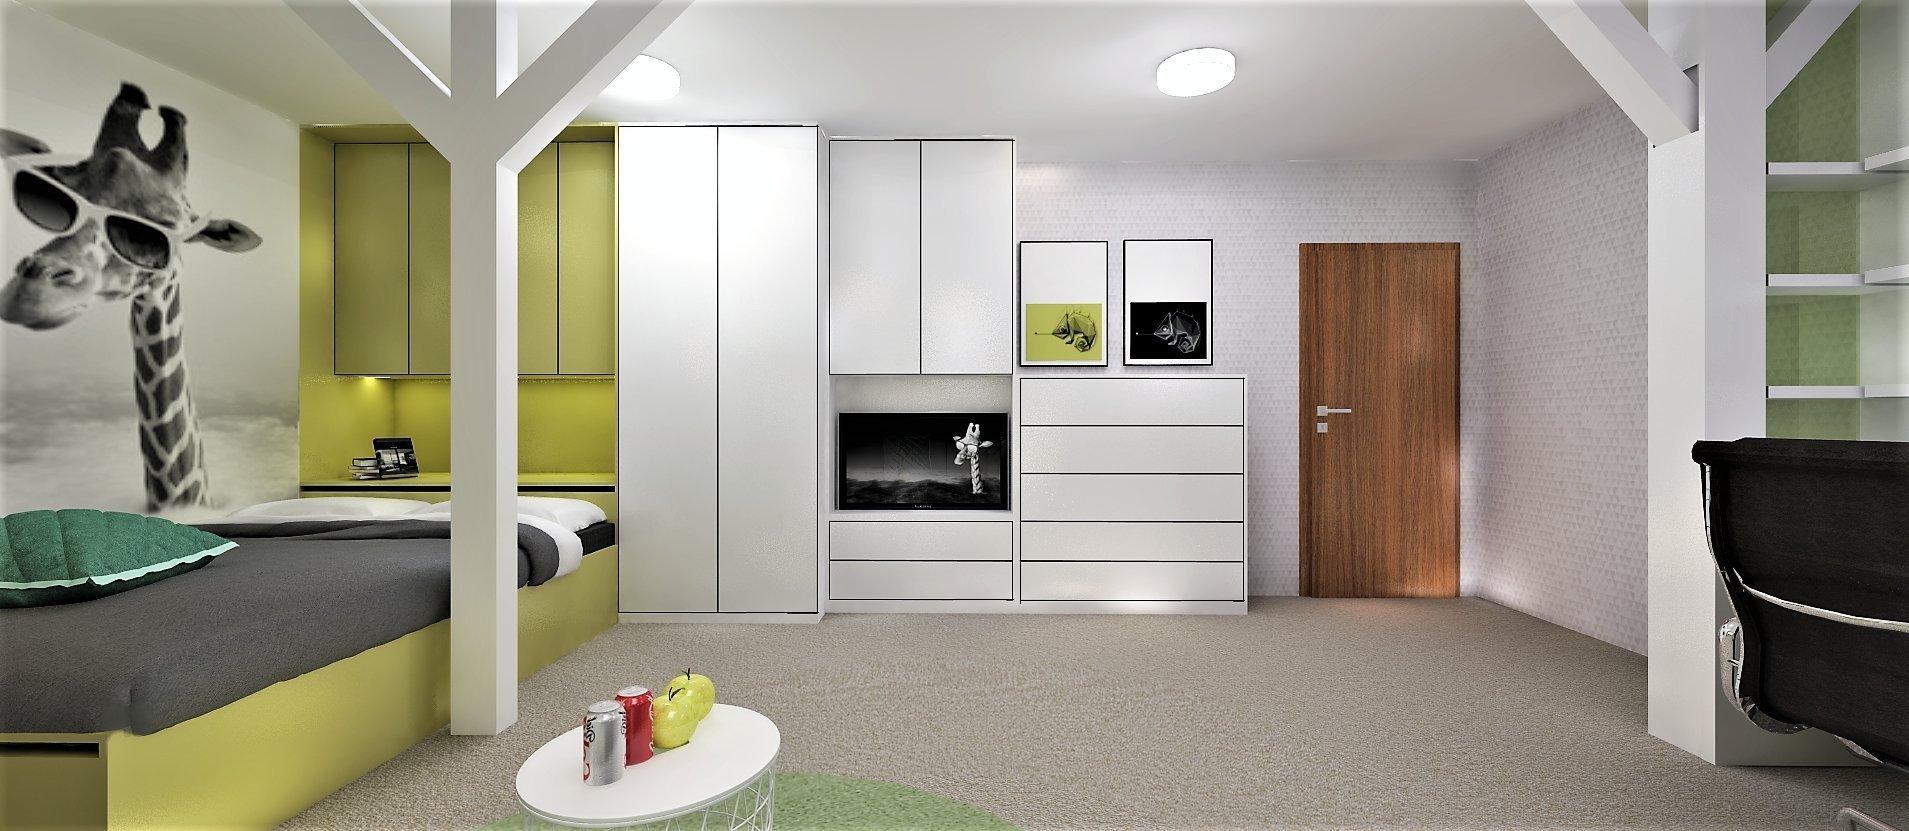 Podkrovní pokoj je přizpůsoben nárokům teenagera na pohodlí - široká postel, pohovka a televize, inárokům na techniku - velké stoly pro PC, audio a hraní…